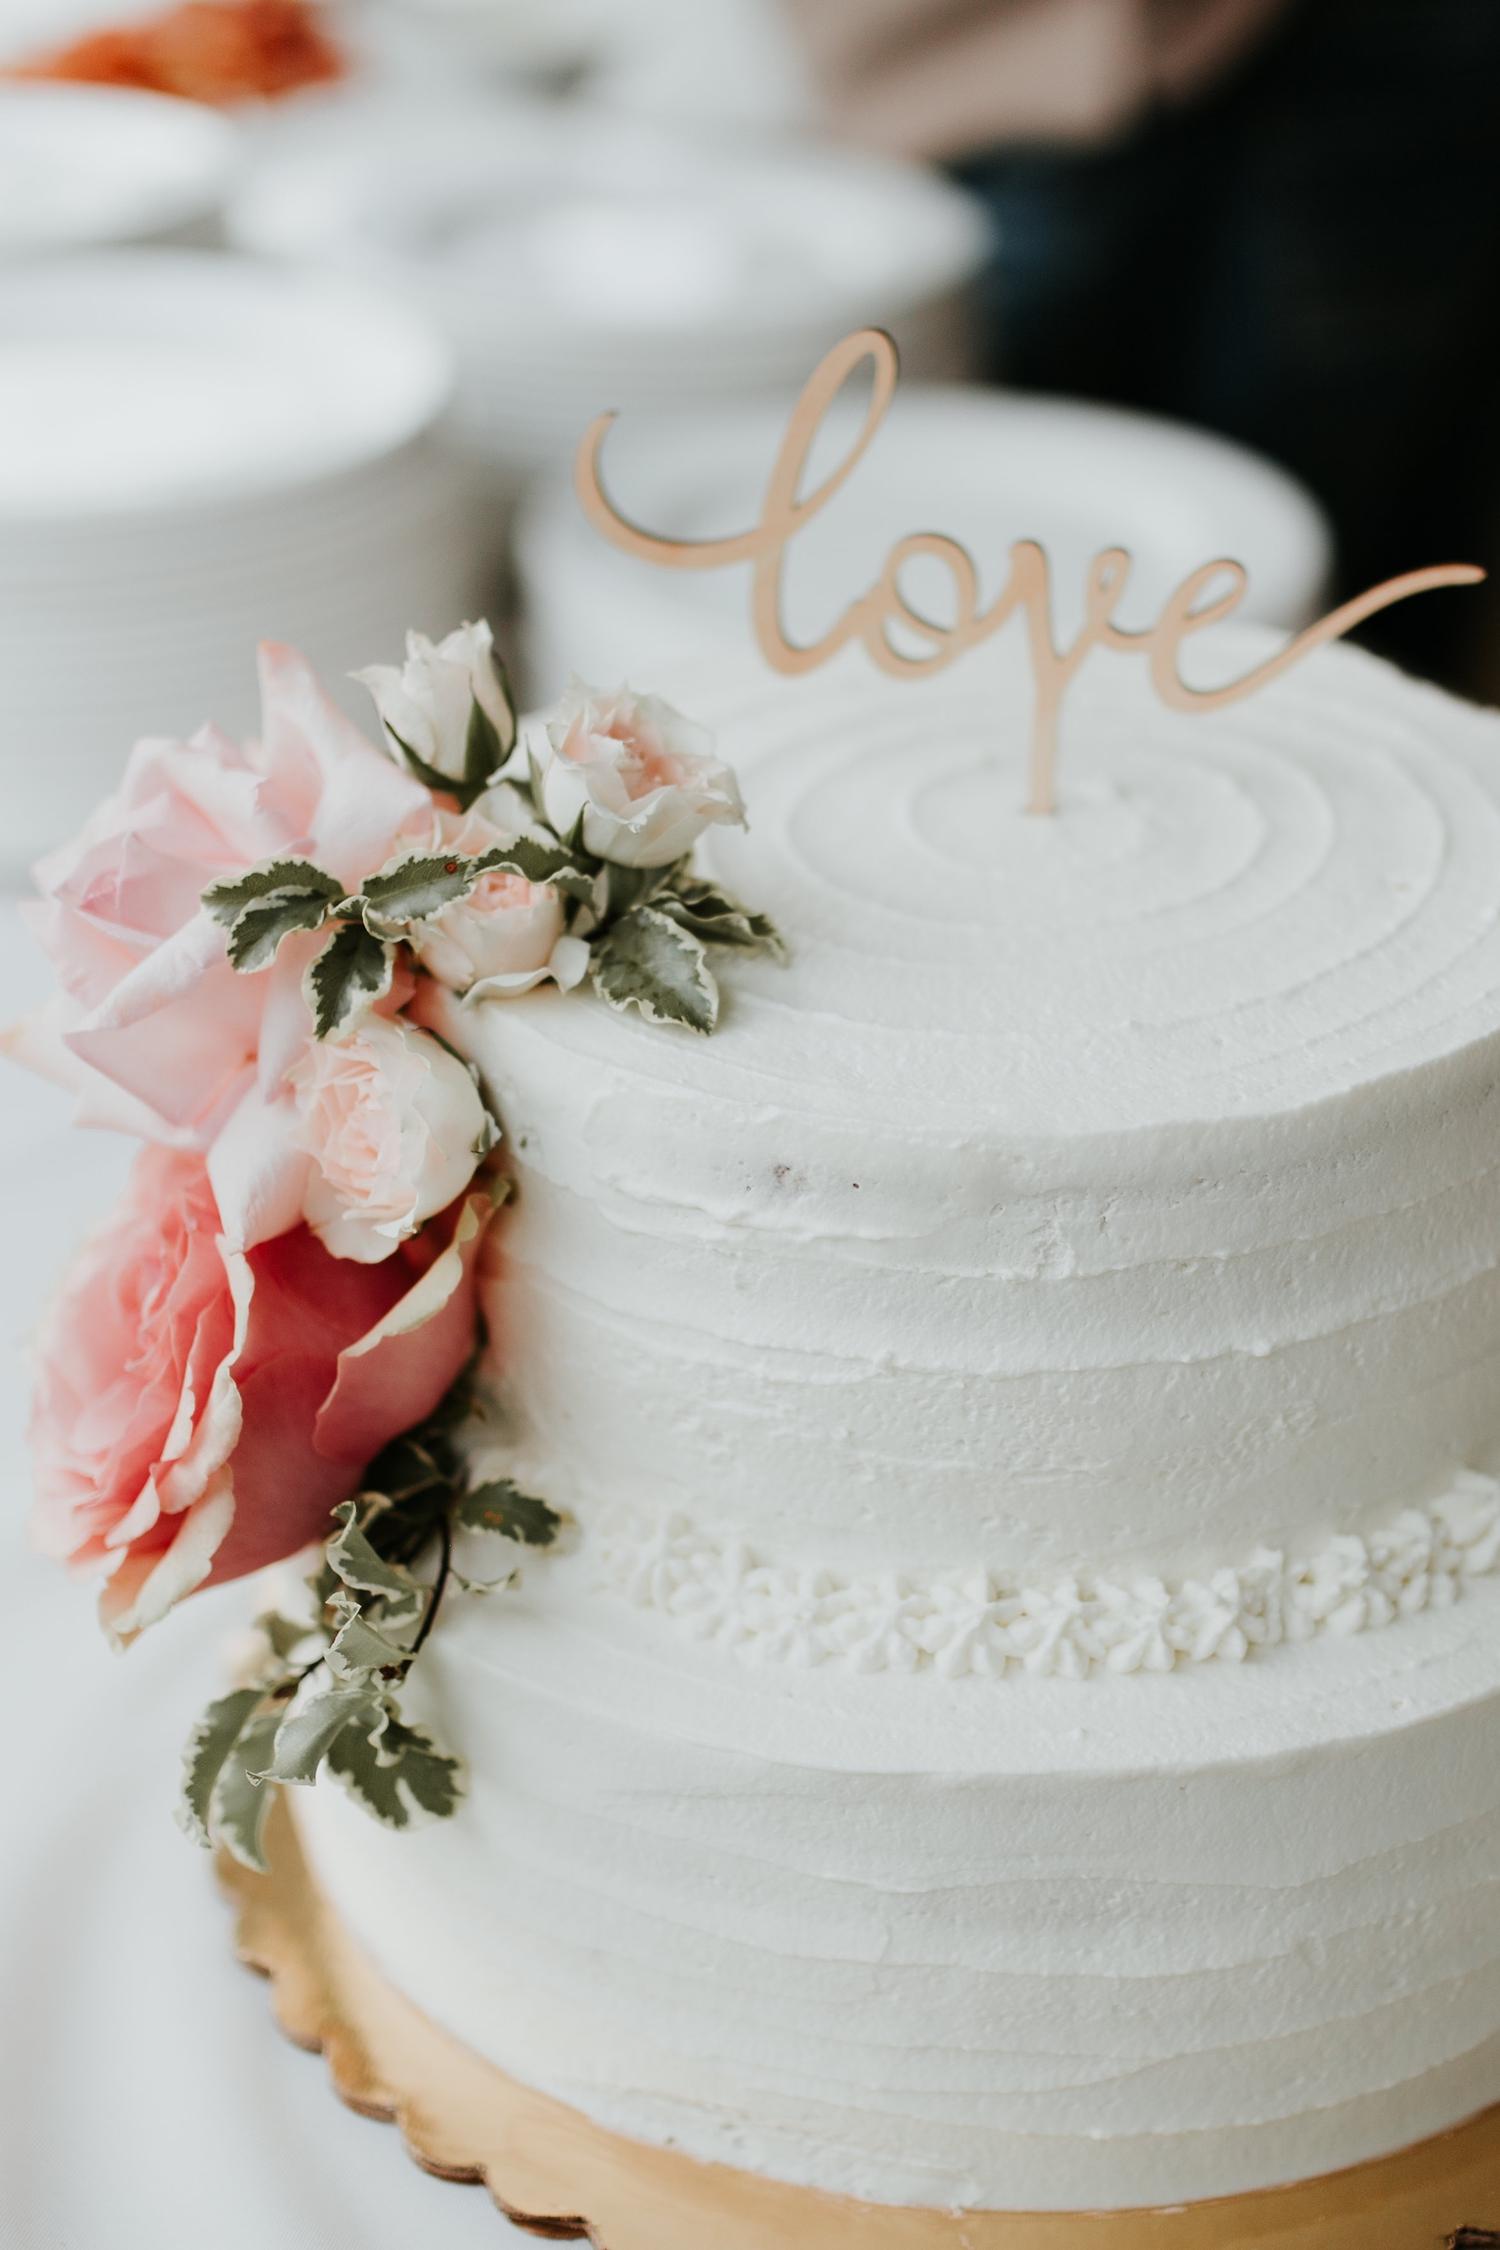 Alicia+lucia+photography+-+albuquerque+wedding+photographer+-+santa+fe+wedding+photography+-+new+mexico+wedding+photographer+-+new+mexico+engagement+-+la+mesita+ranch+wedding+-+la+mesita+ranch+spring+wedding_0080.jpg